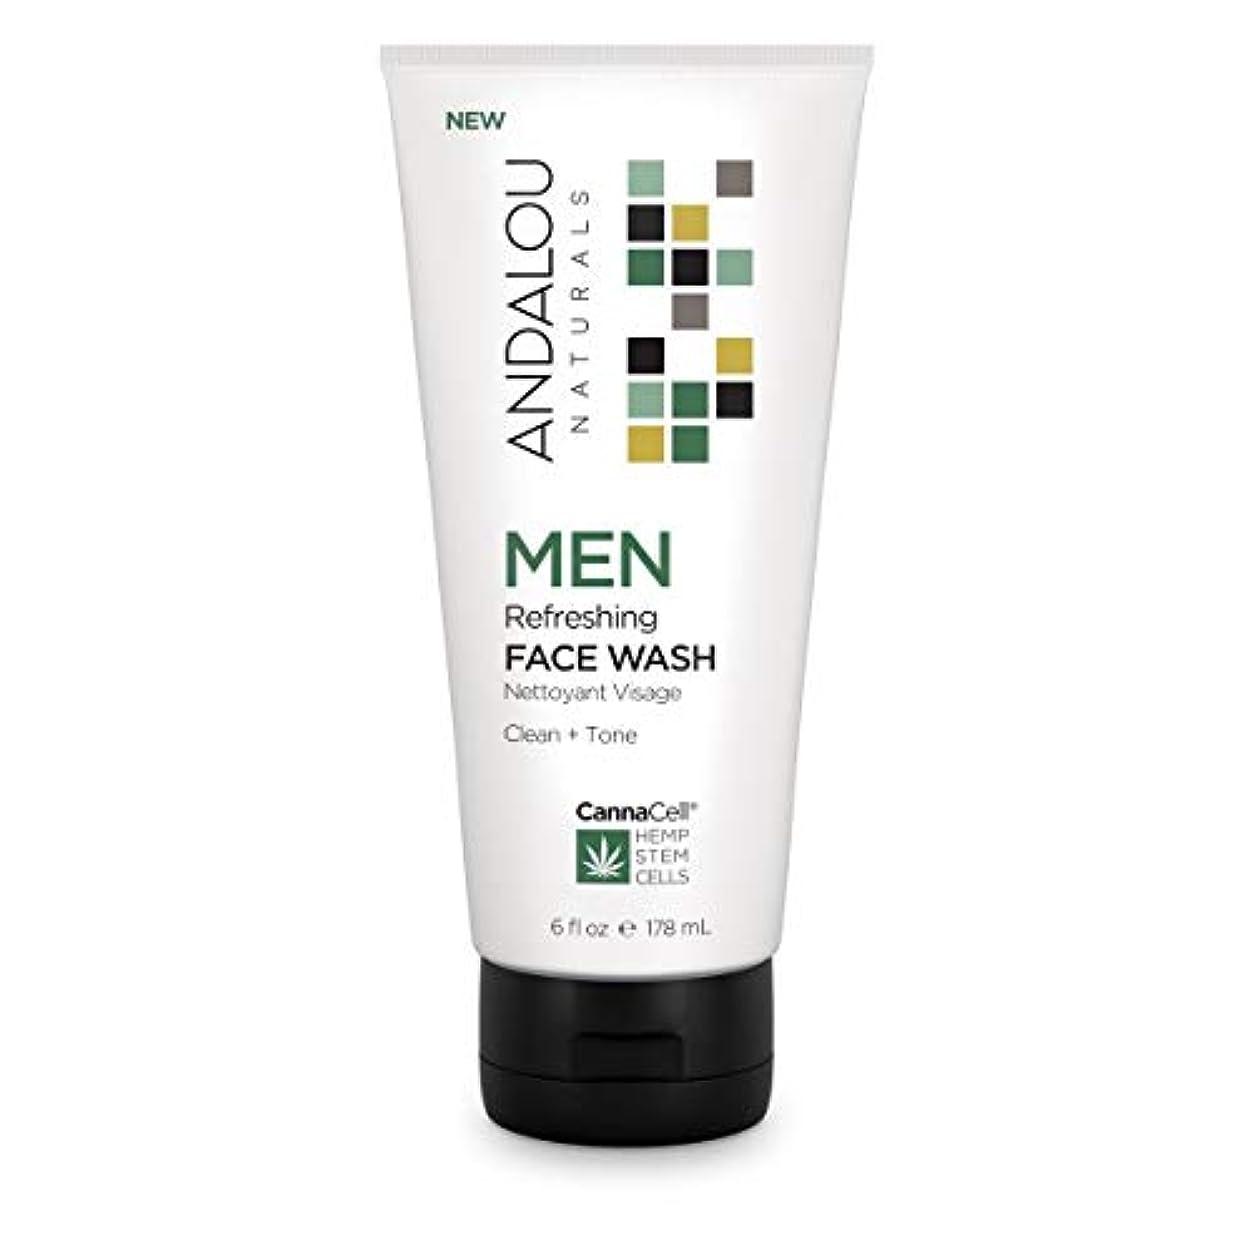 前提想像力豊かな留まるオーガニック ボタニカル 洗顔料 洗顔フォーム ナチュラル フルーツ幹細胞 ヘンプ幹細胞 「 MEN リフレッシングフェイスウォッシュ 」 ANDALOU naturals アンダルー ナチュラルズ